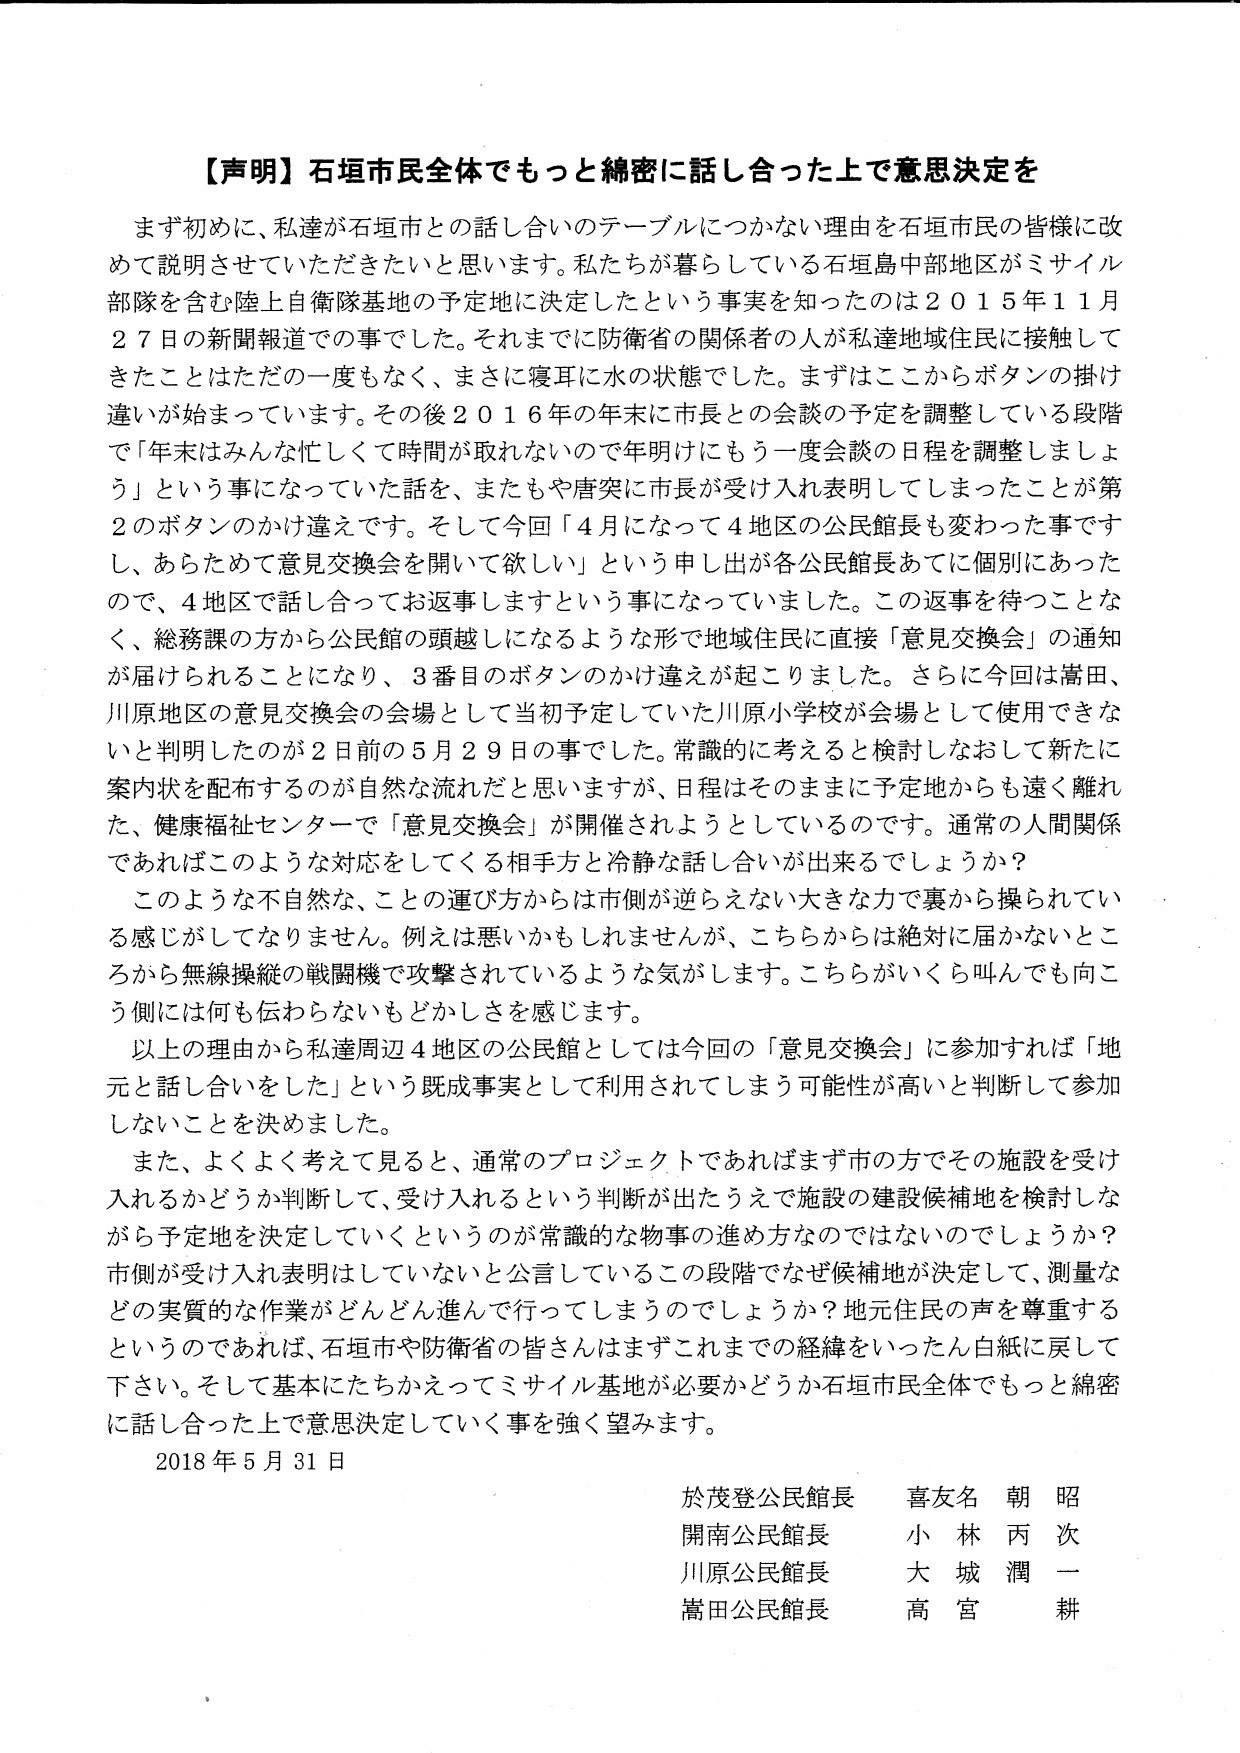 2018 0531 4公民館声明